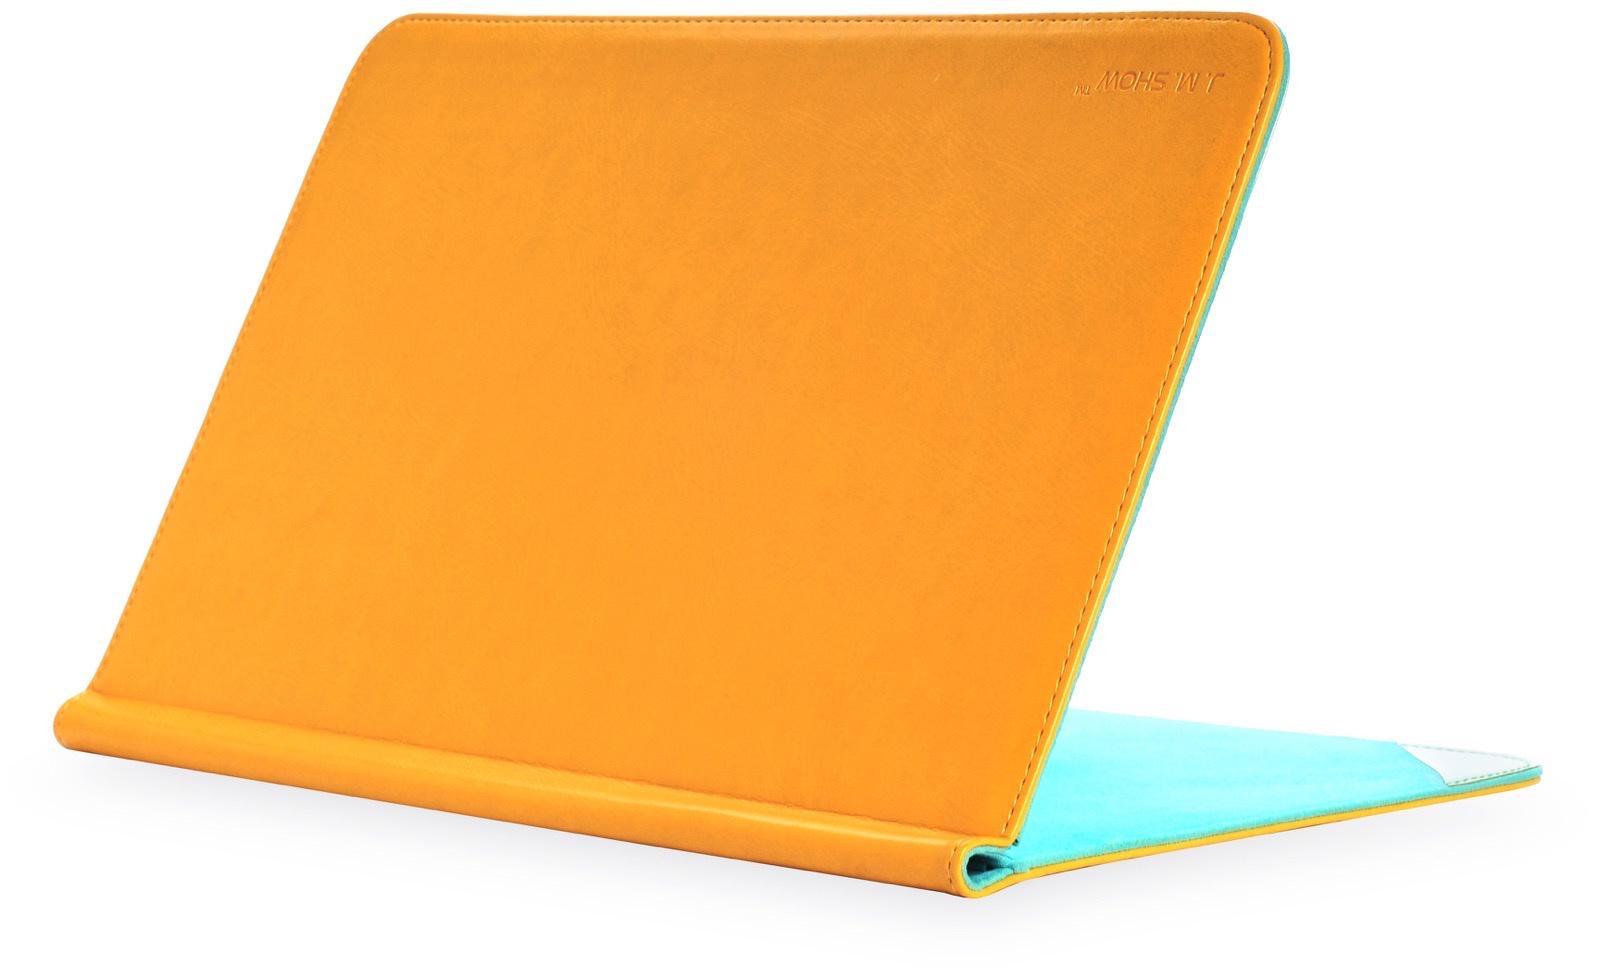 Чехол для ноутбука Gurdini J.M.Show книжка кожа 220058 для MacBook Air 11 ,220058, желтый крышка ноутбука